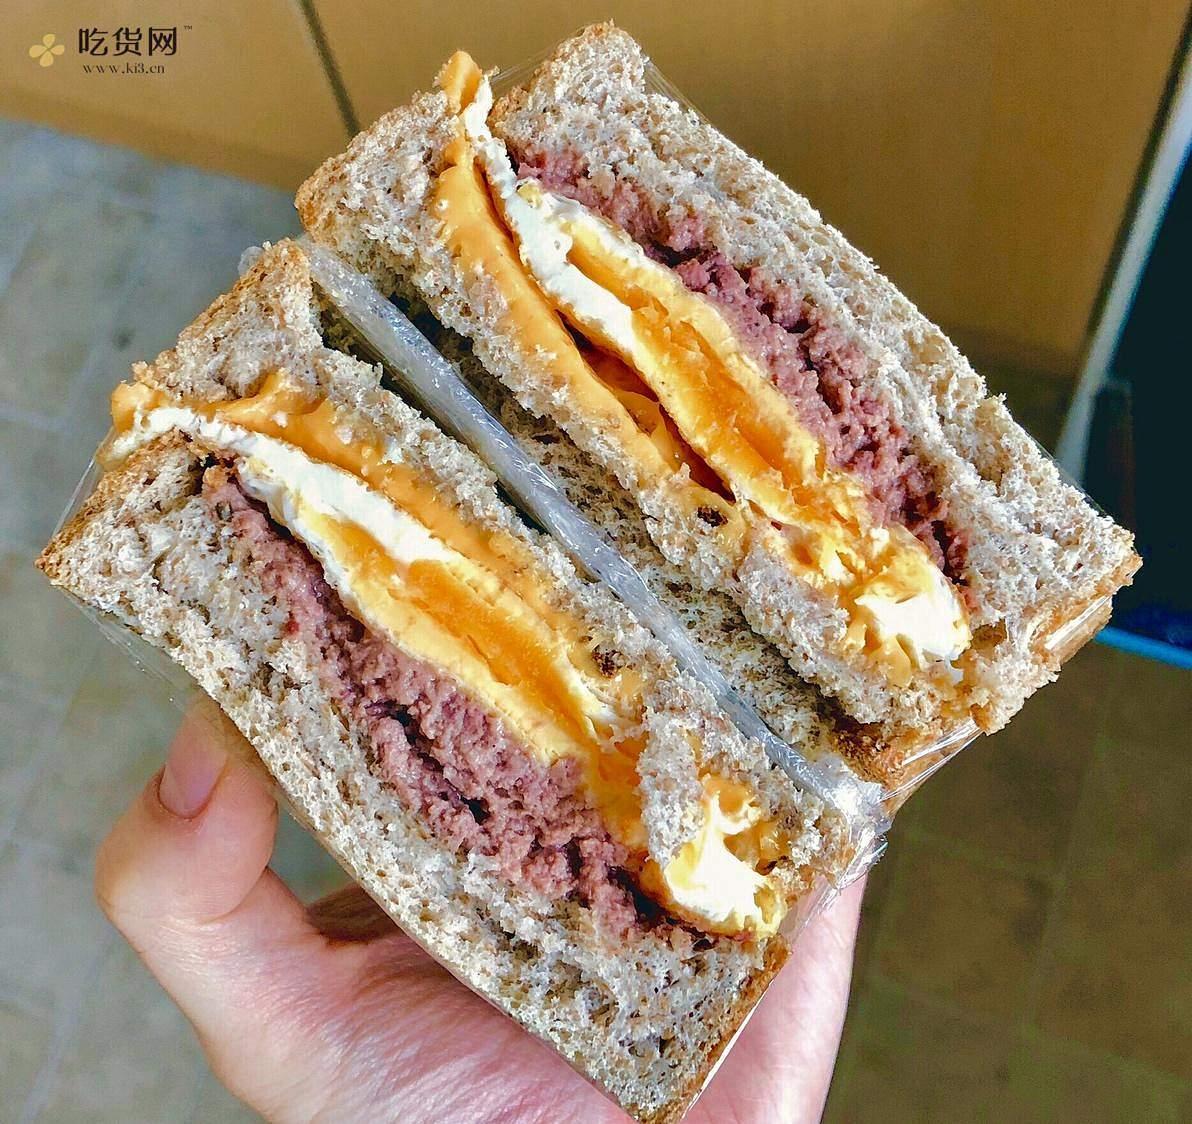 视觉味觉爆炸的全麦三明治系列|减脂万能公式 欢迎来玩!的做法 步骤5